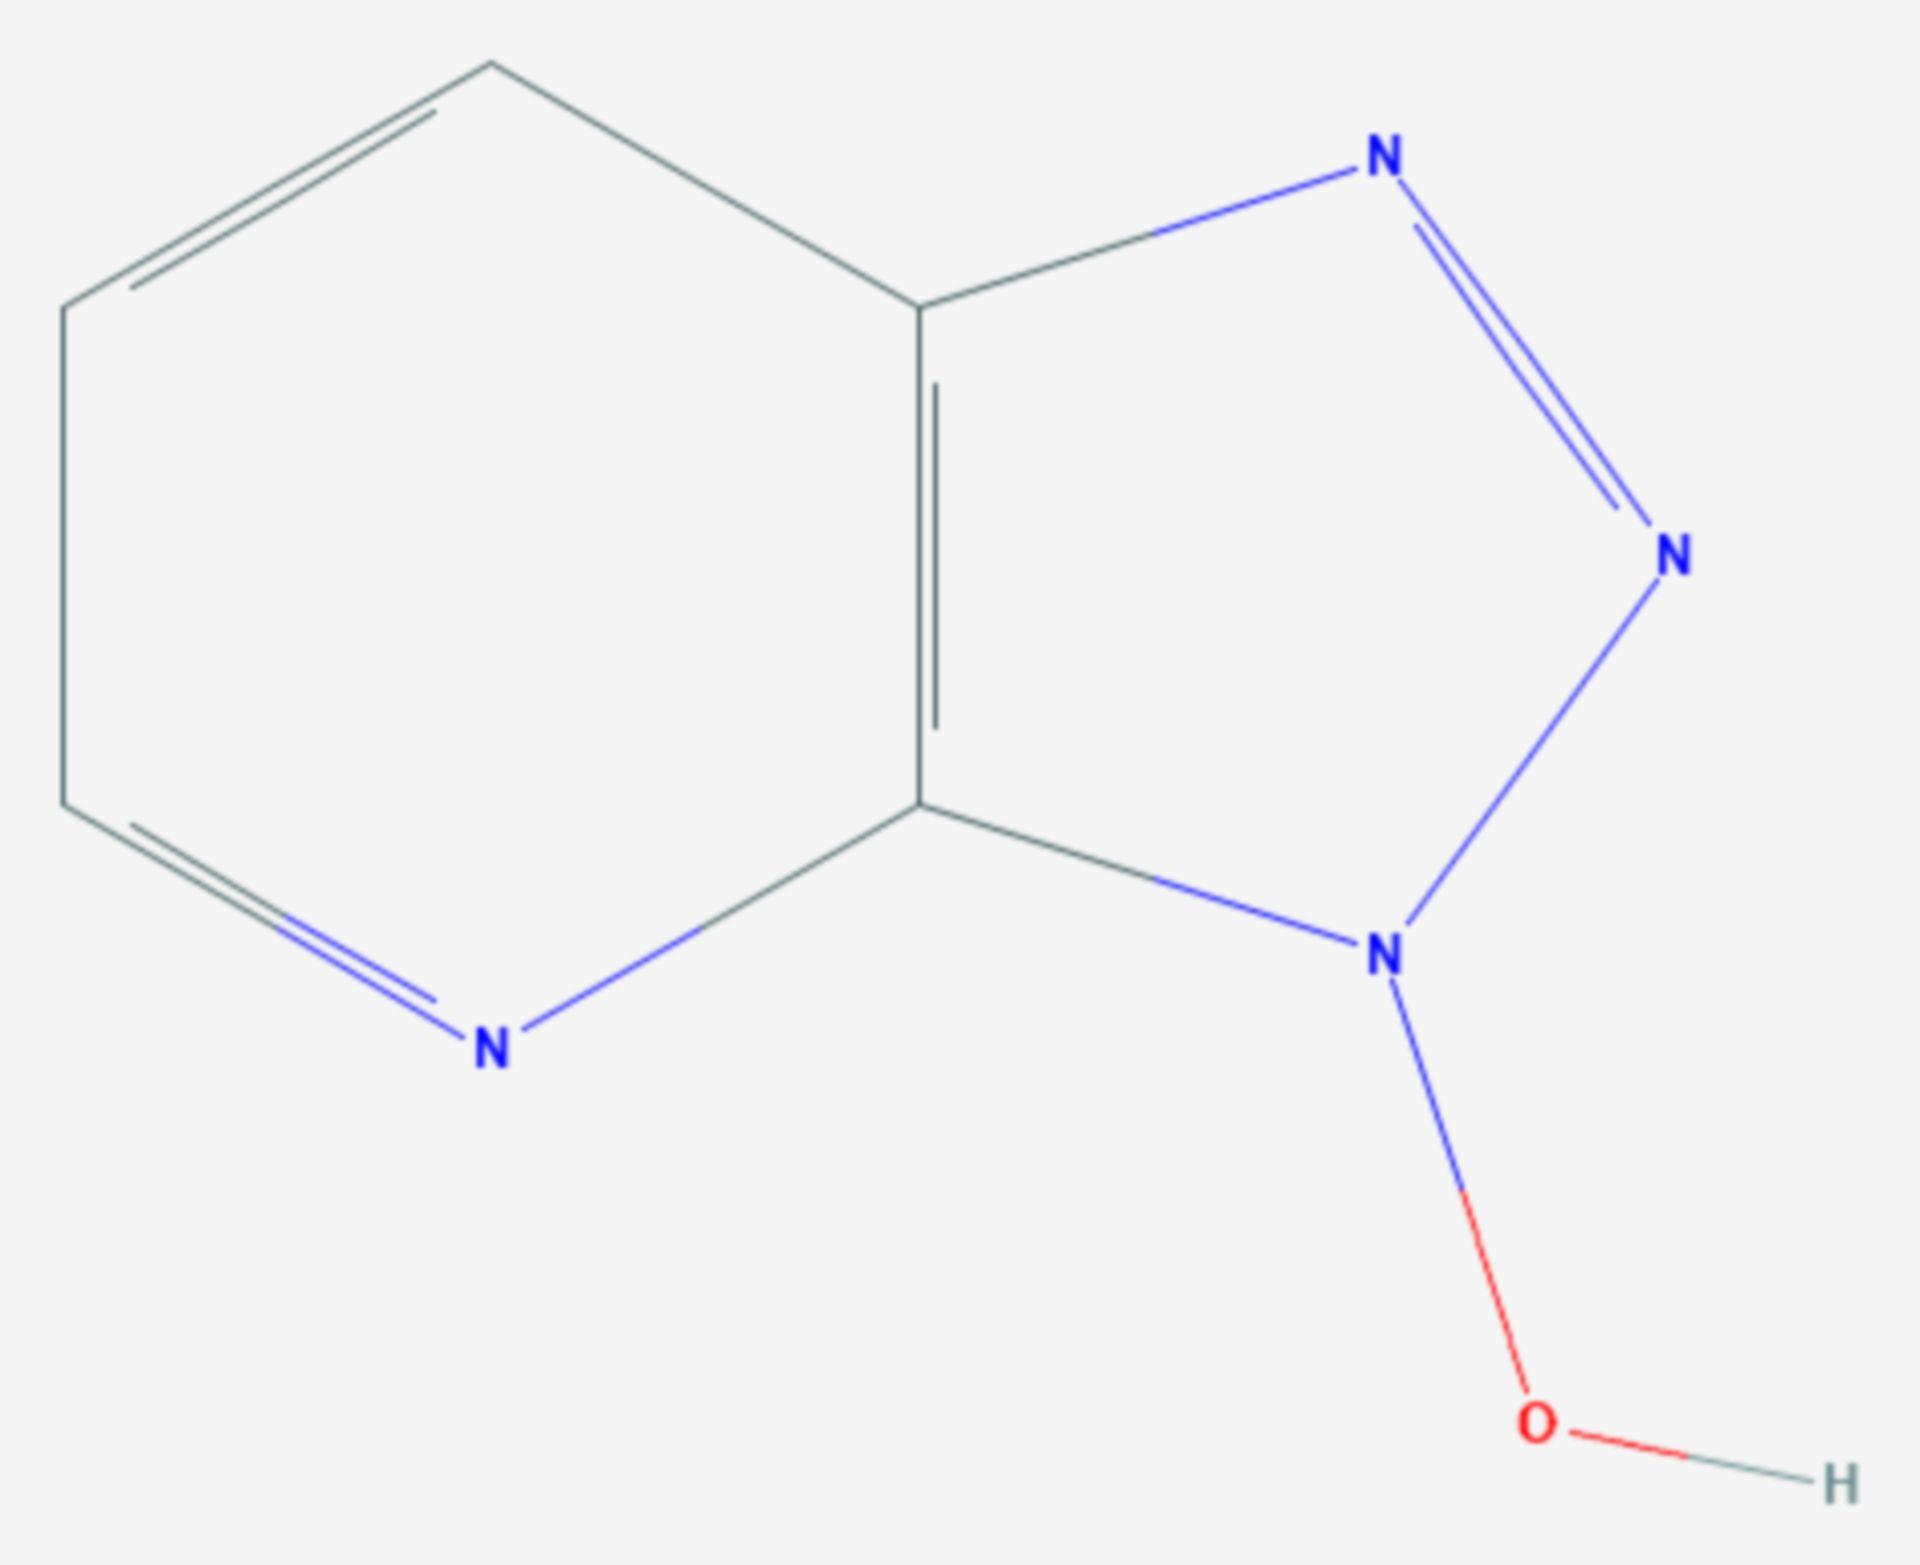 1-Hydroxy-7-azabenzotriazol (Strukturformel)